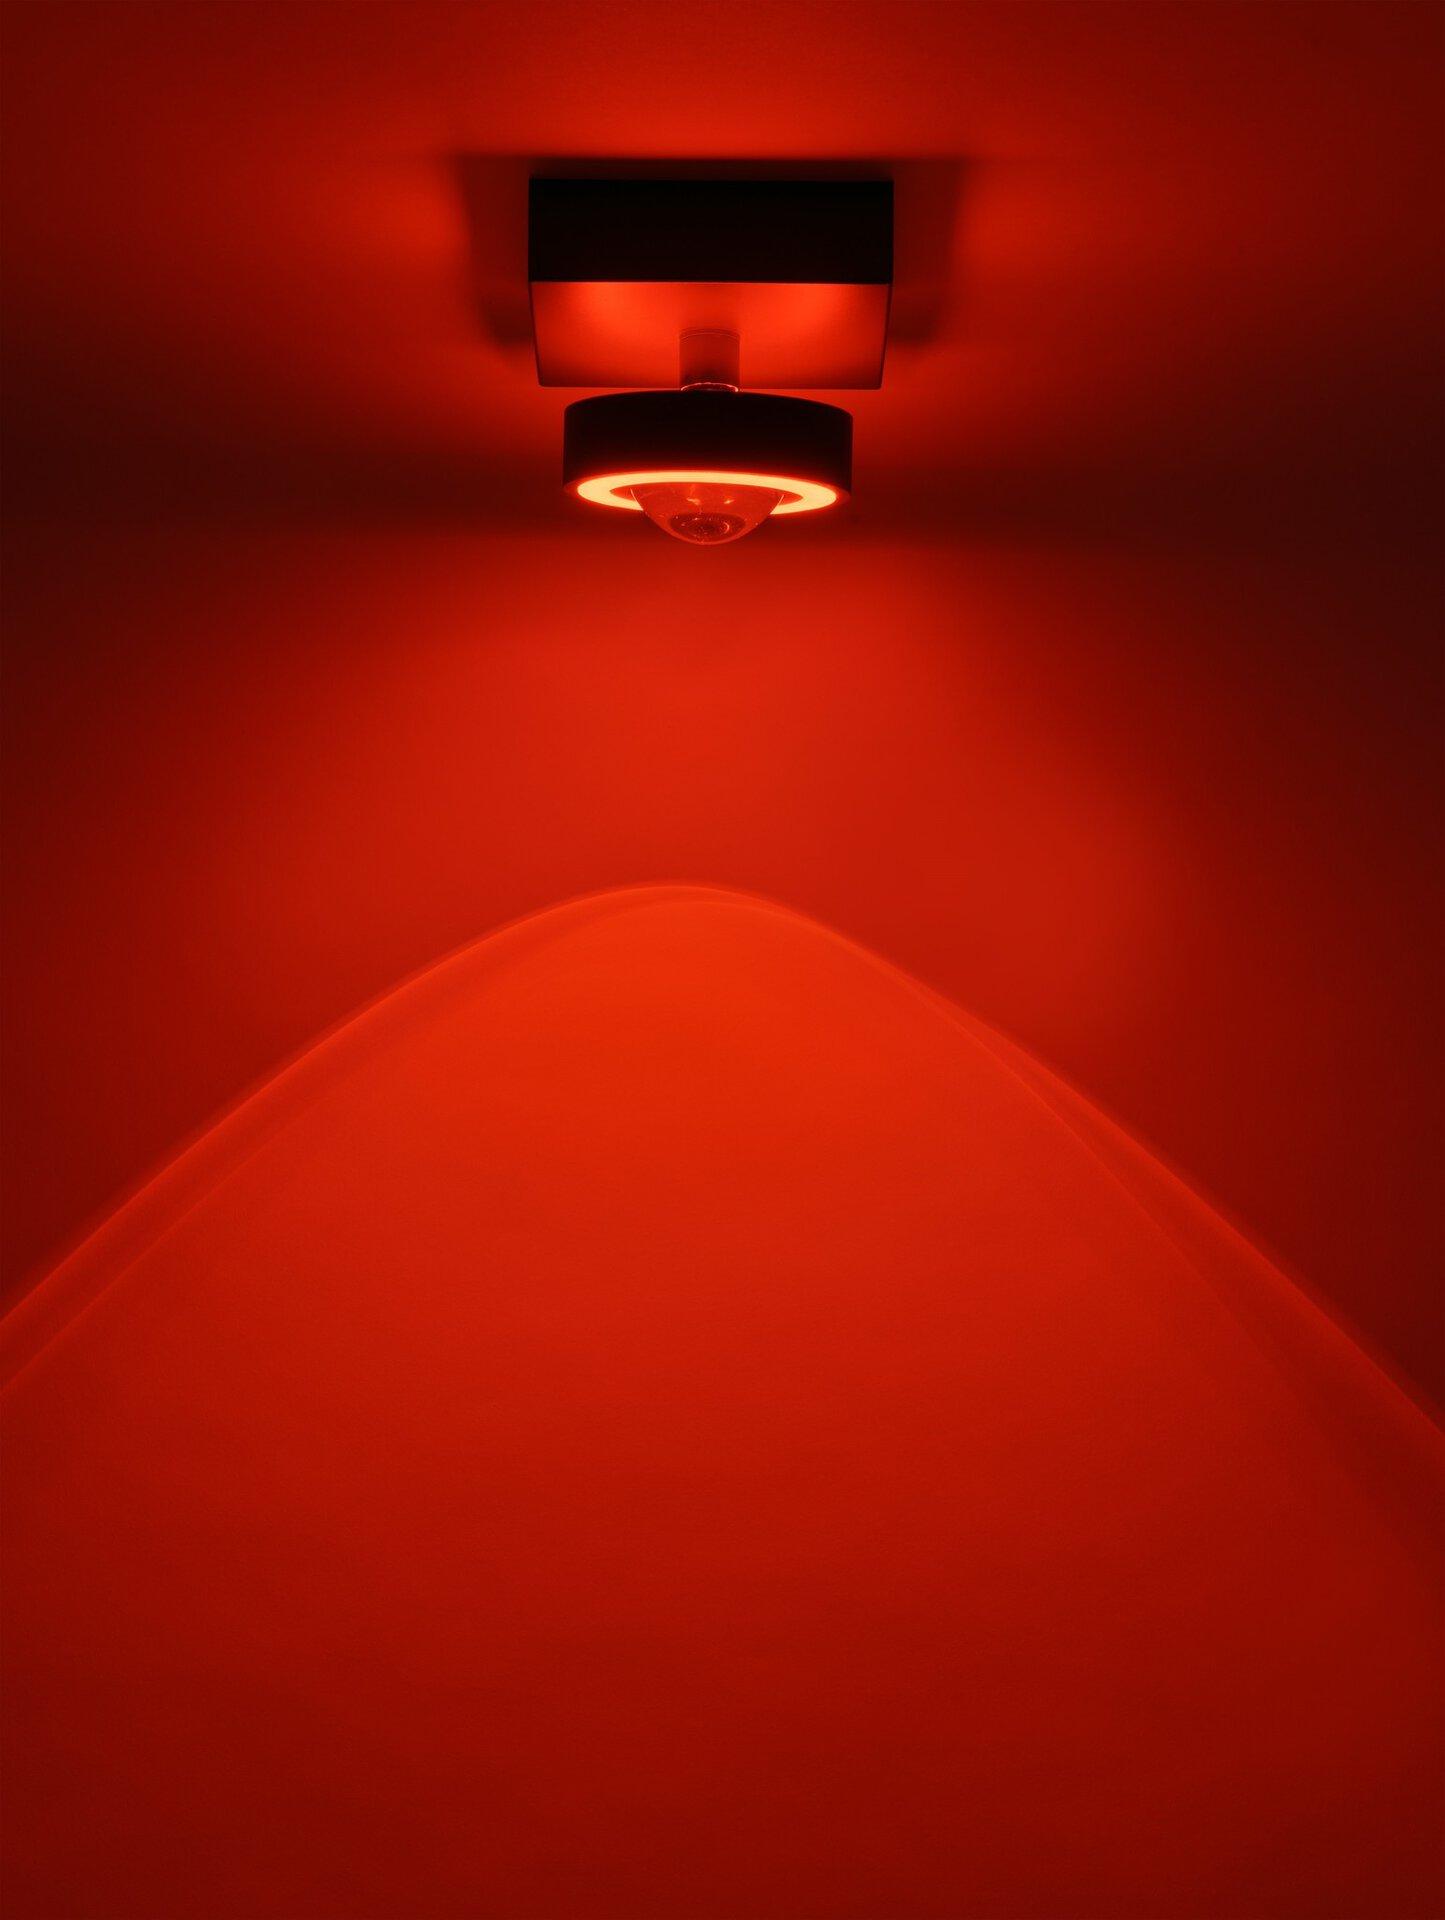 Smart-Home-Leuchten Q-MIA Paul Neuhaus Metall 13 x 12 x 13 cm